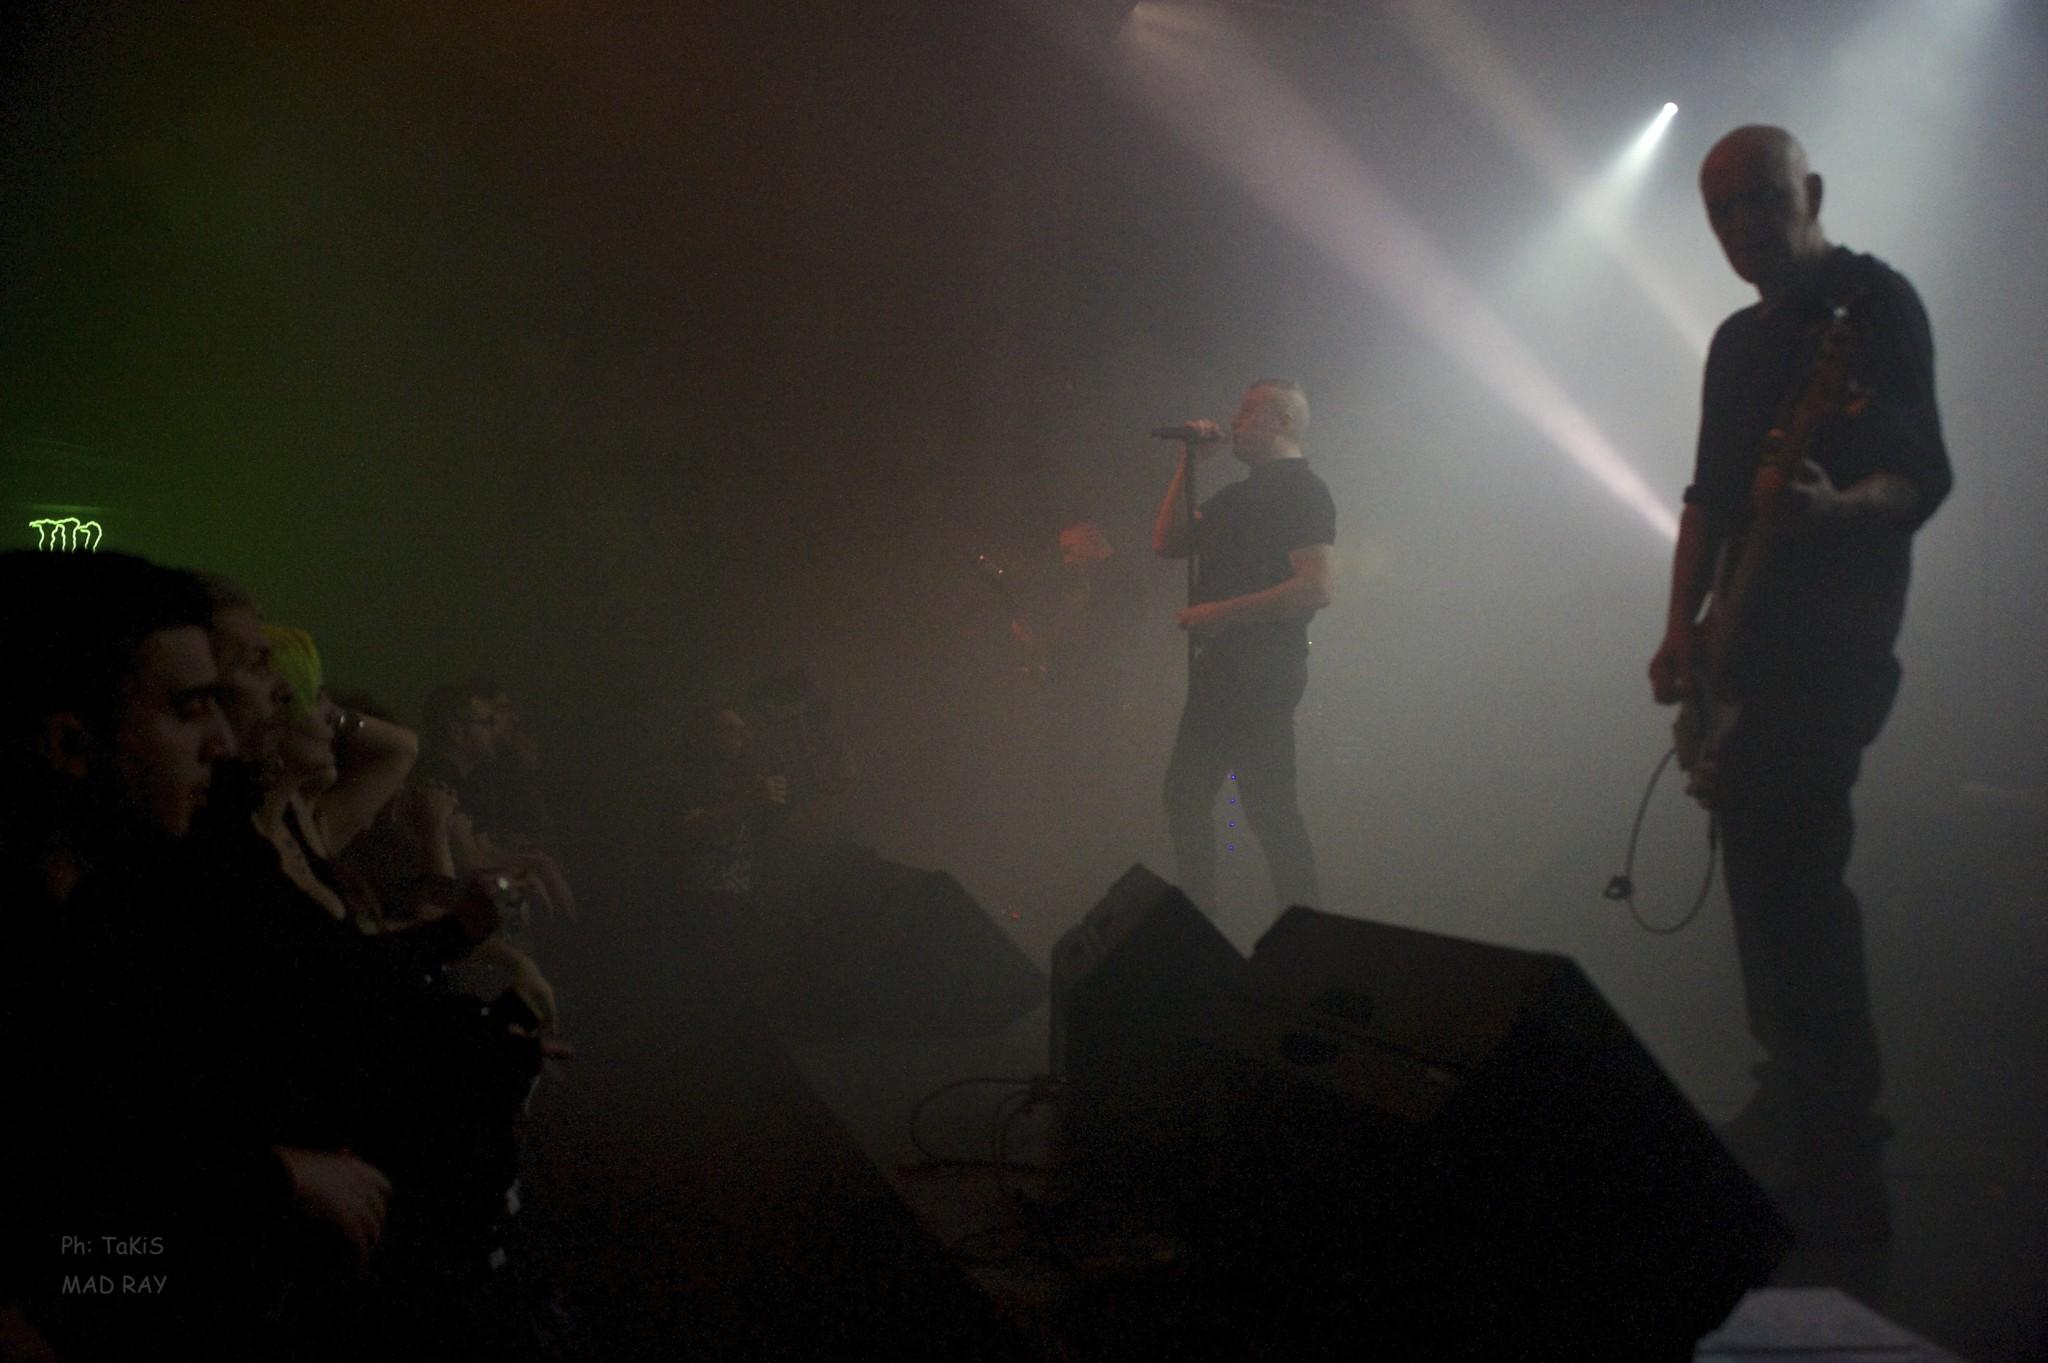 Lefki Symphonia Live At Gagarin 205 Athens 7.12.2018 photos by Takis Kyriakoylakos